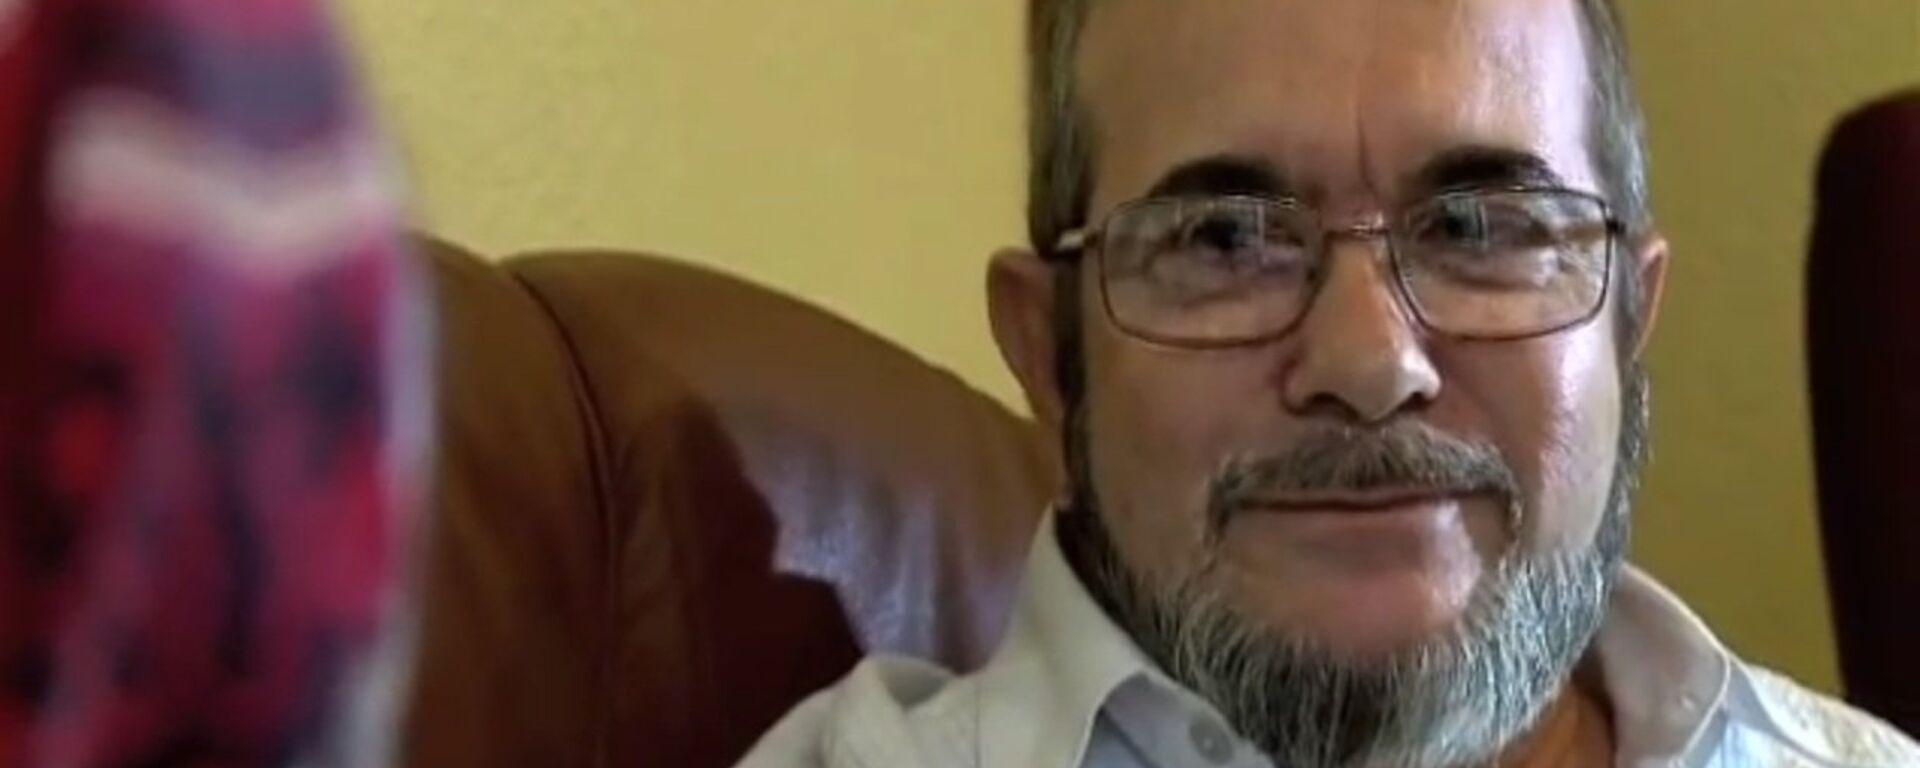 El máximo líder de las FARC, Rodrigo Londoño Echeverri, alias 'Timochenko' - Sputnik Mundo, 1920, 28.05.2021